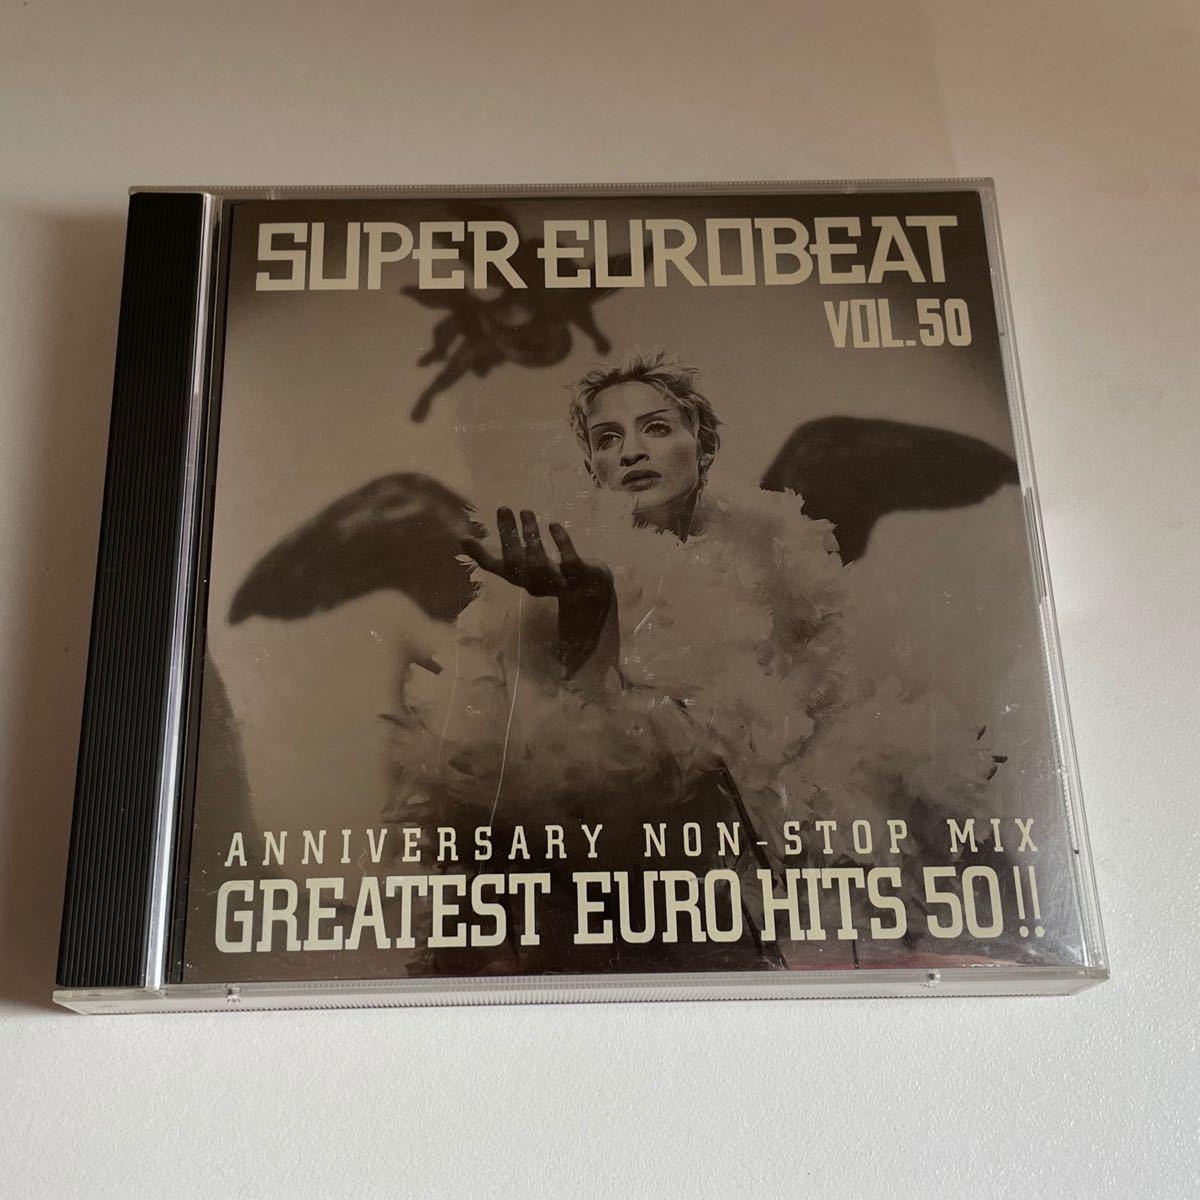 SUPER EUROBEAT VOL.50 スーパーユーロビートVOL.50